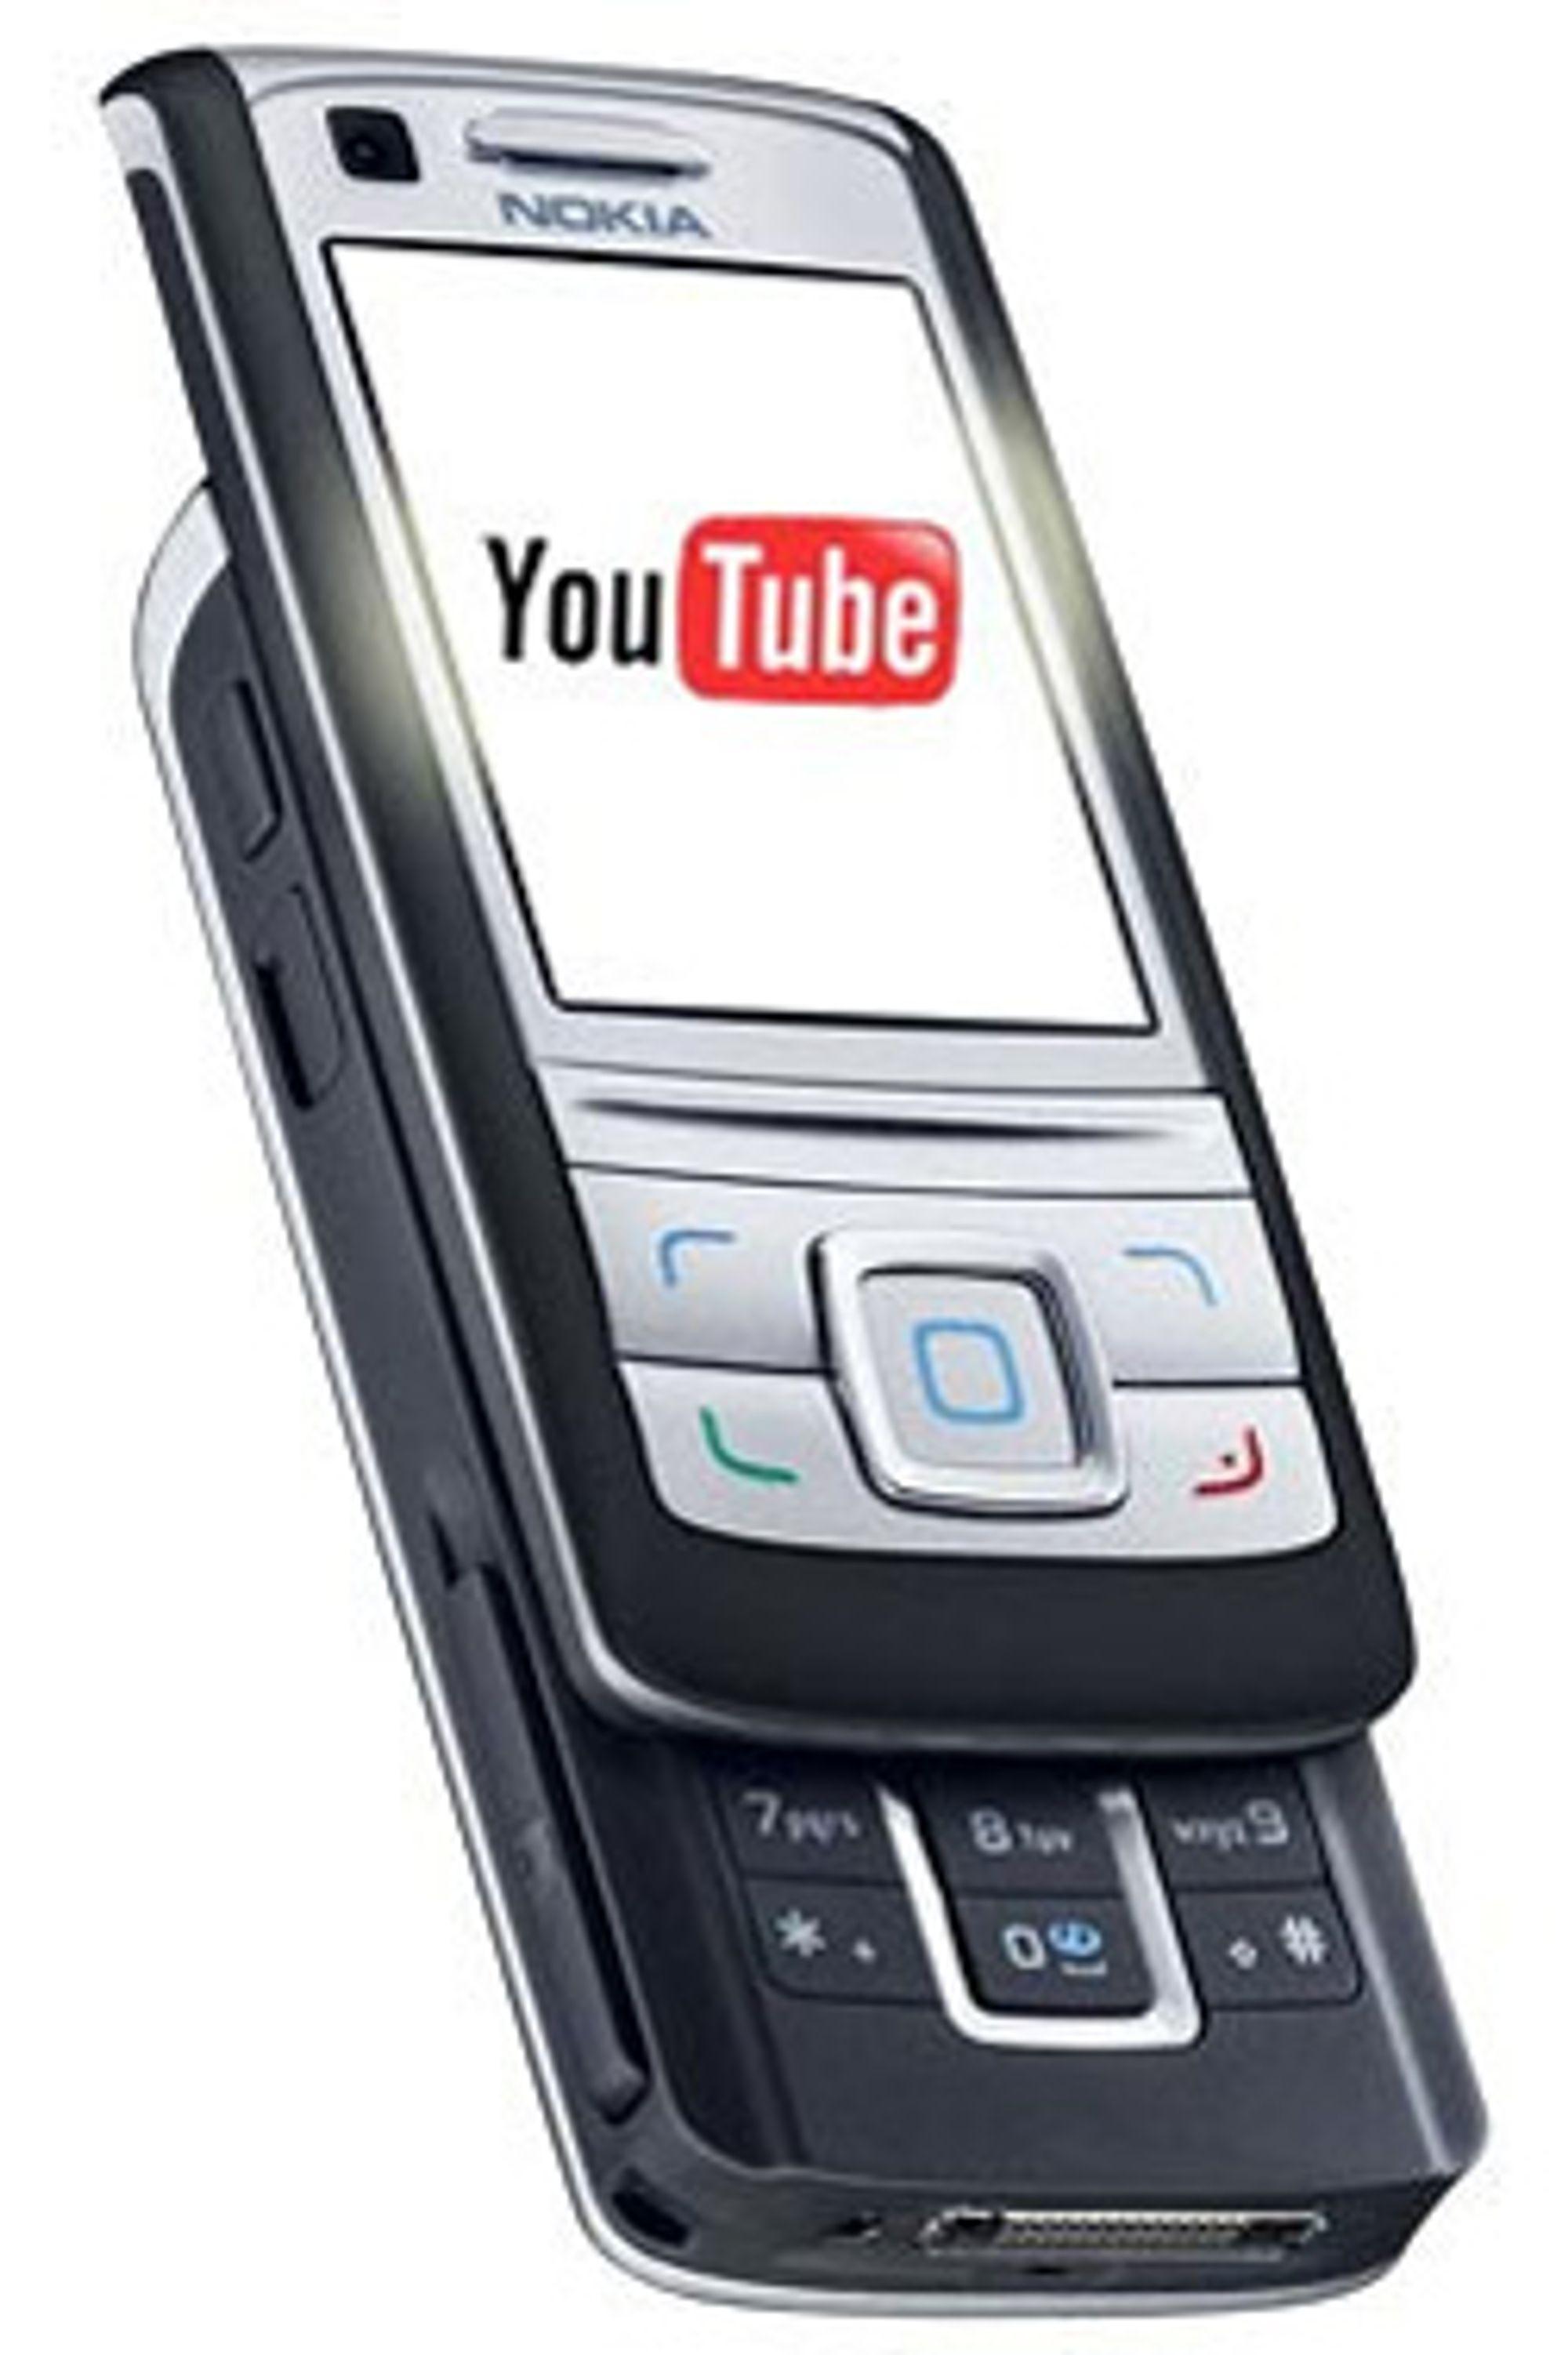 Snart på en mobil nær deg